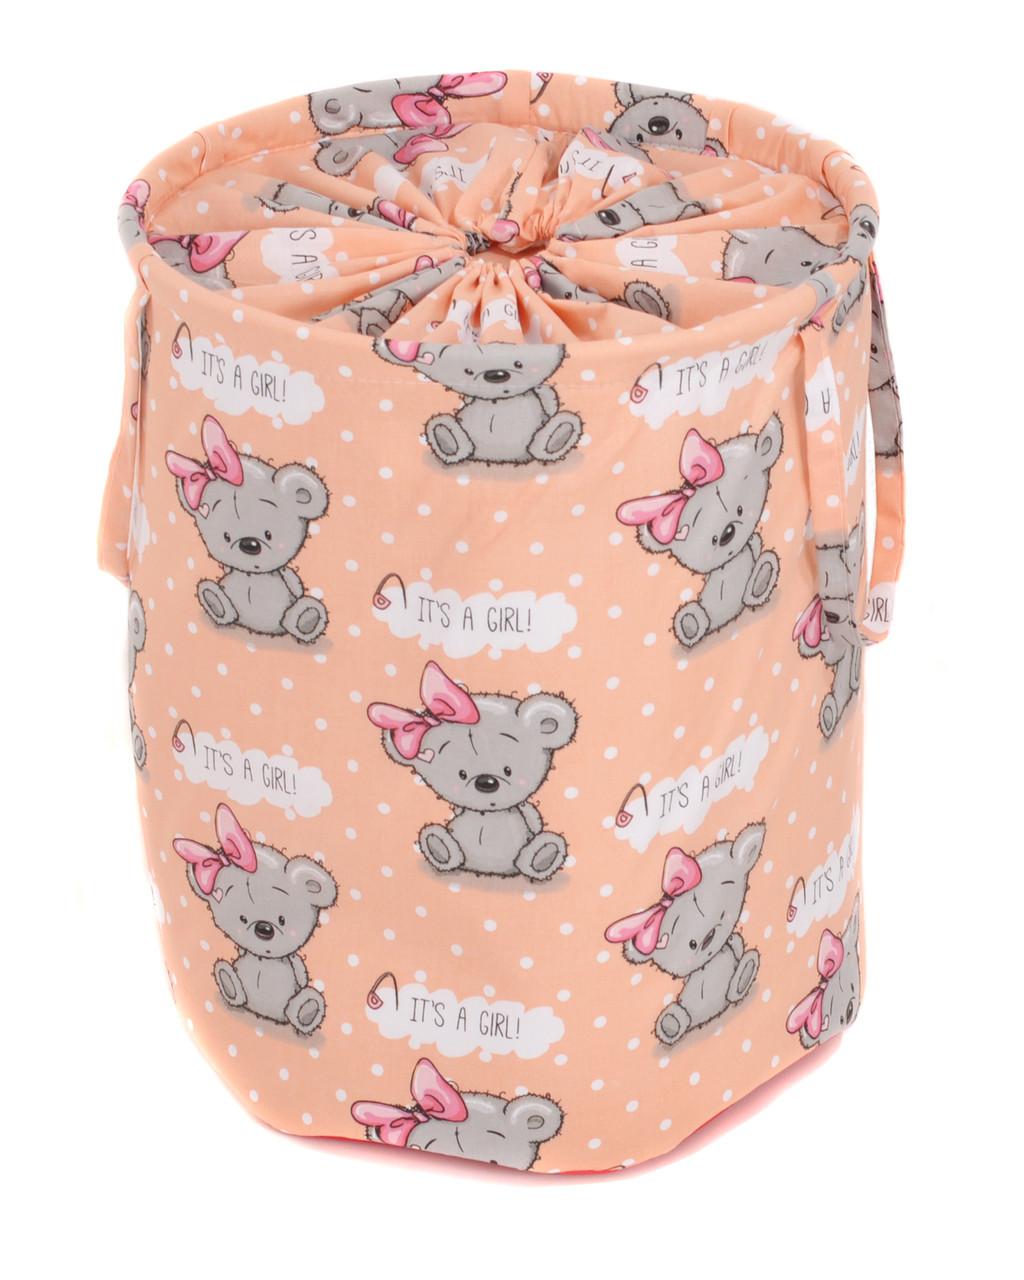 Мешок для хранения игрушек, 46 * 56 см, (хлопок), Мишка девочка на оранжевом